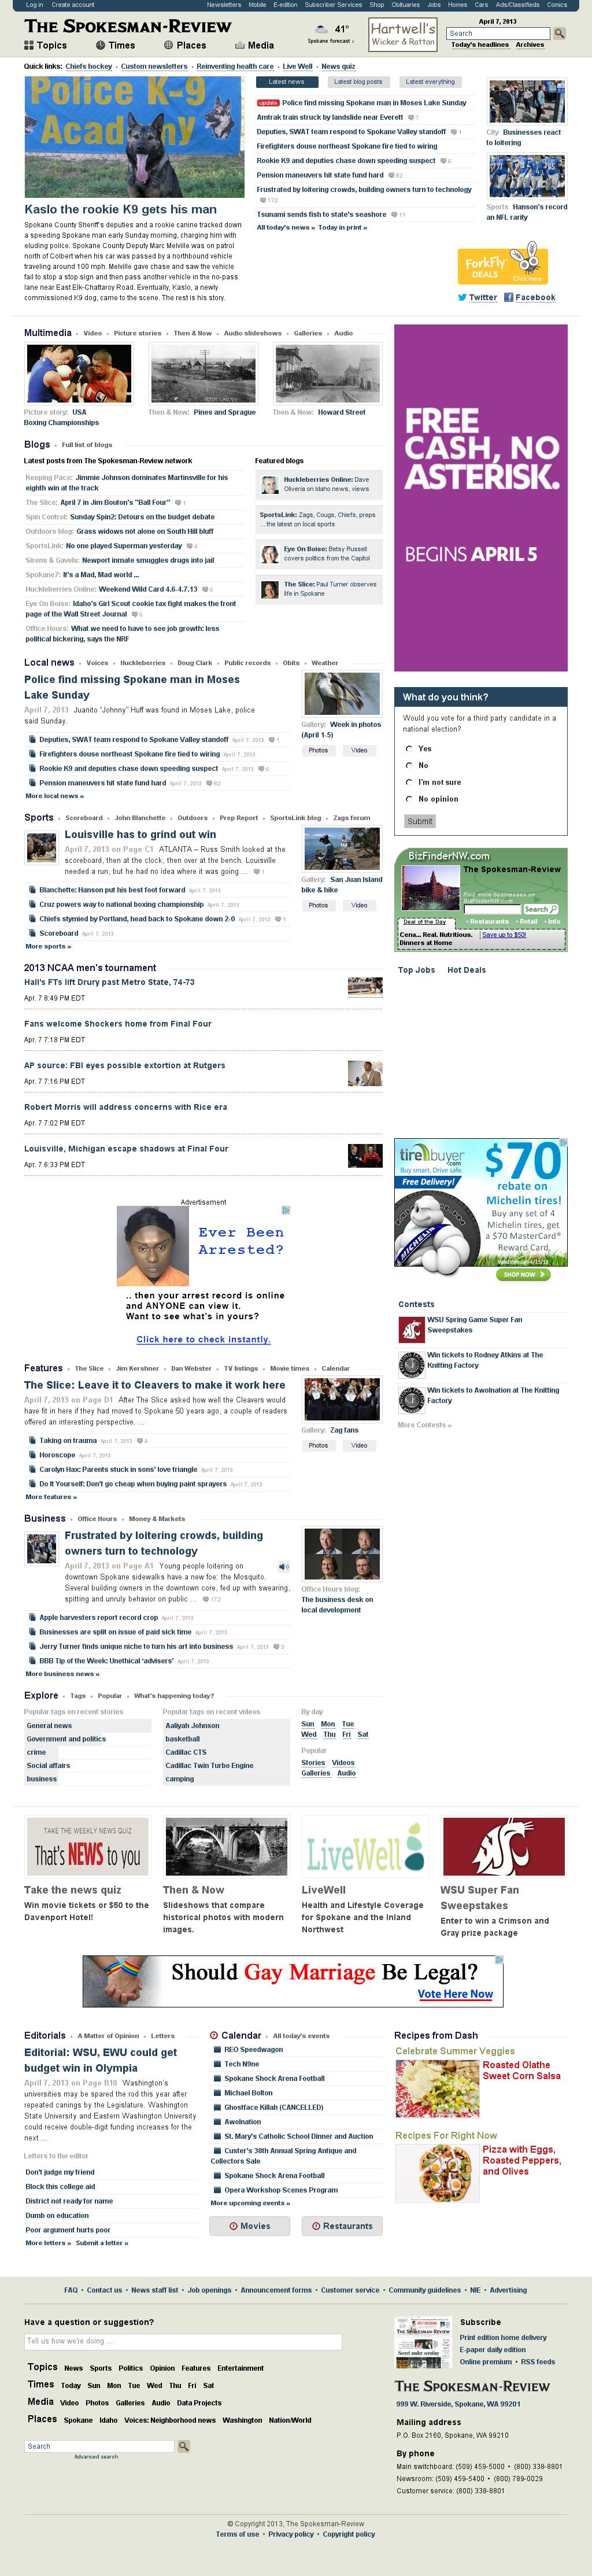 The (Spokane) Spokesman-Review at Monday April 8, 2013, 4:21 a.m. UTC